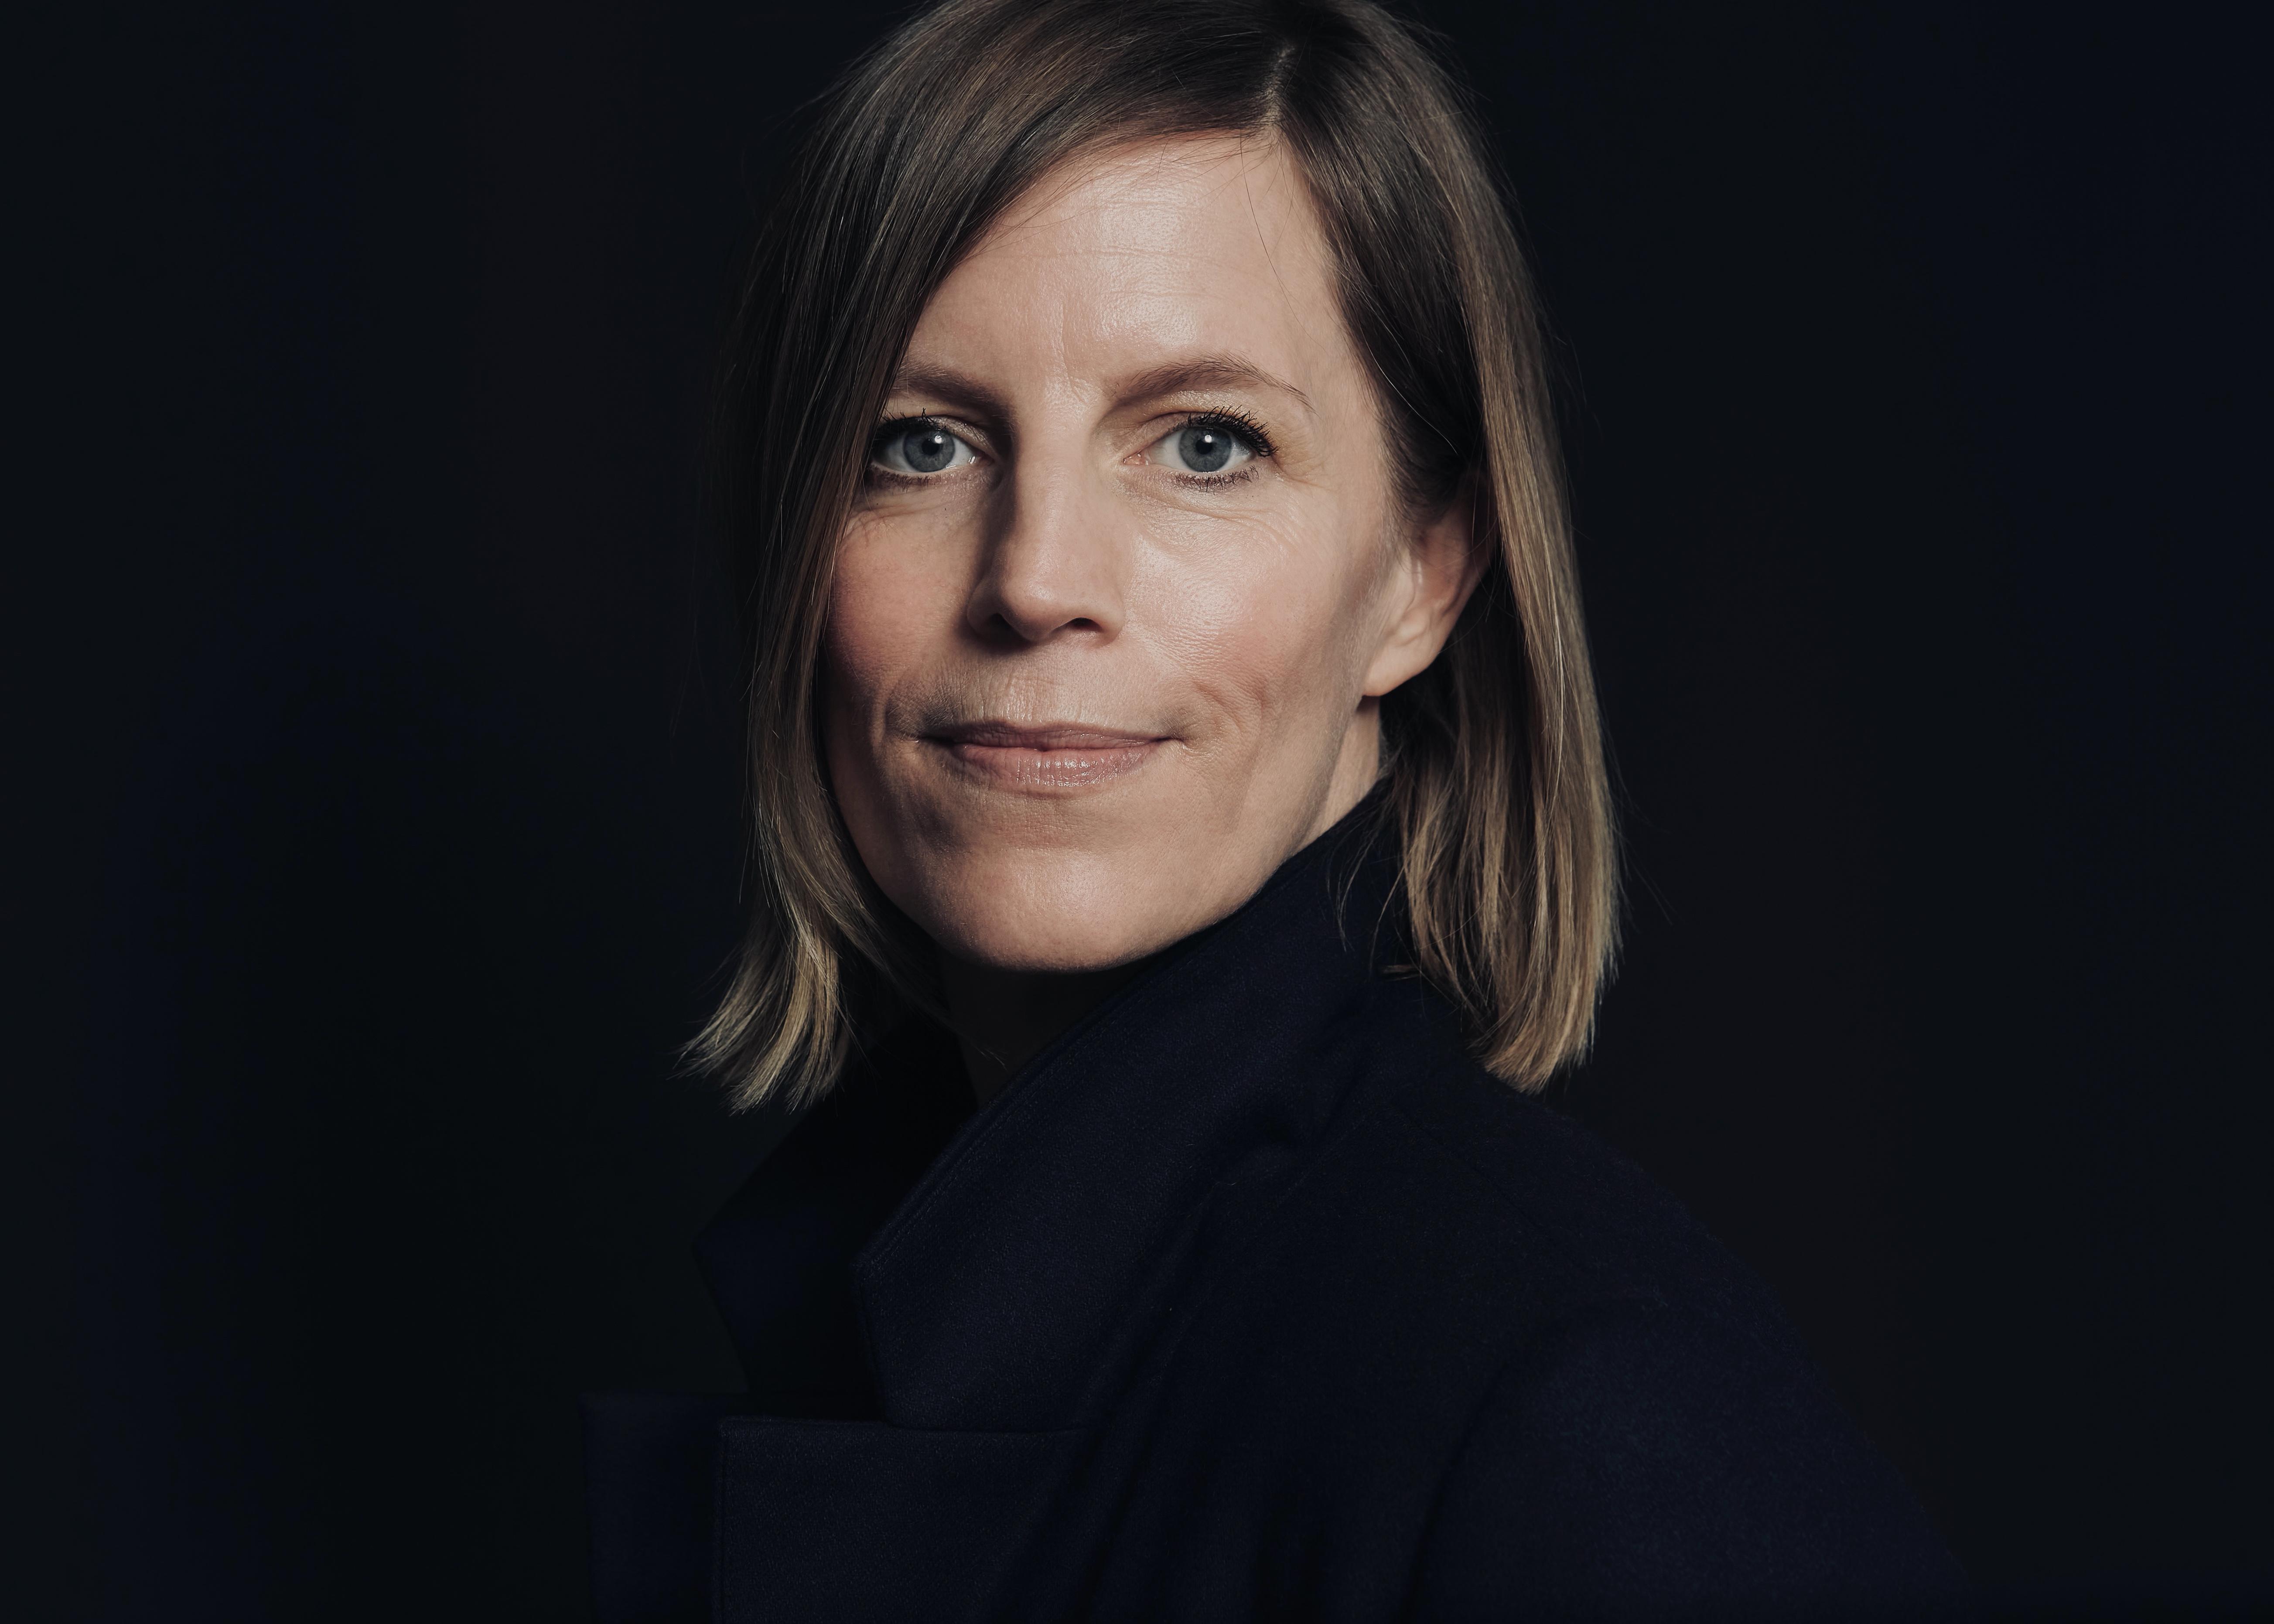 Melanie Schehl